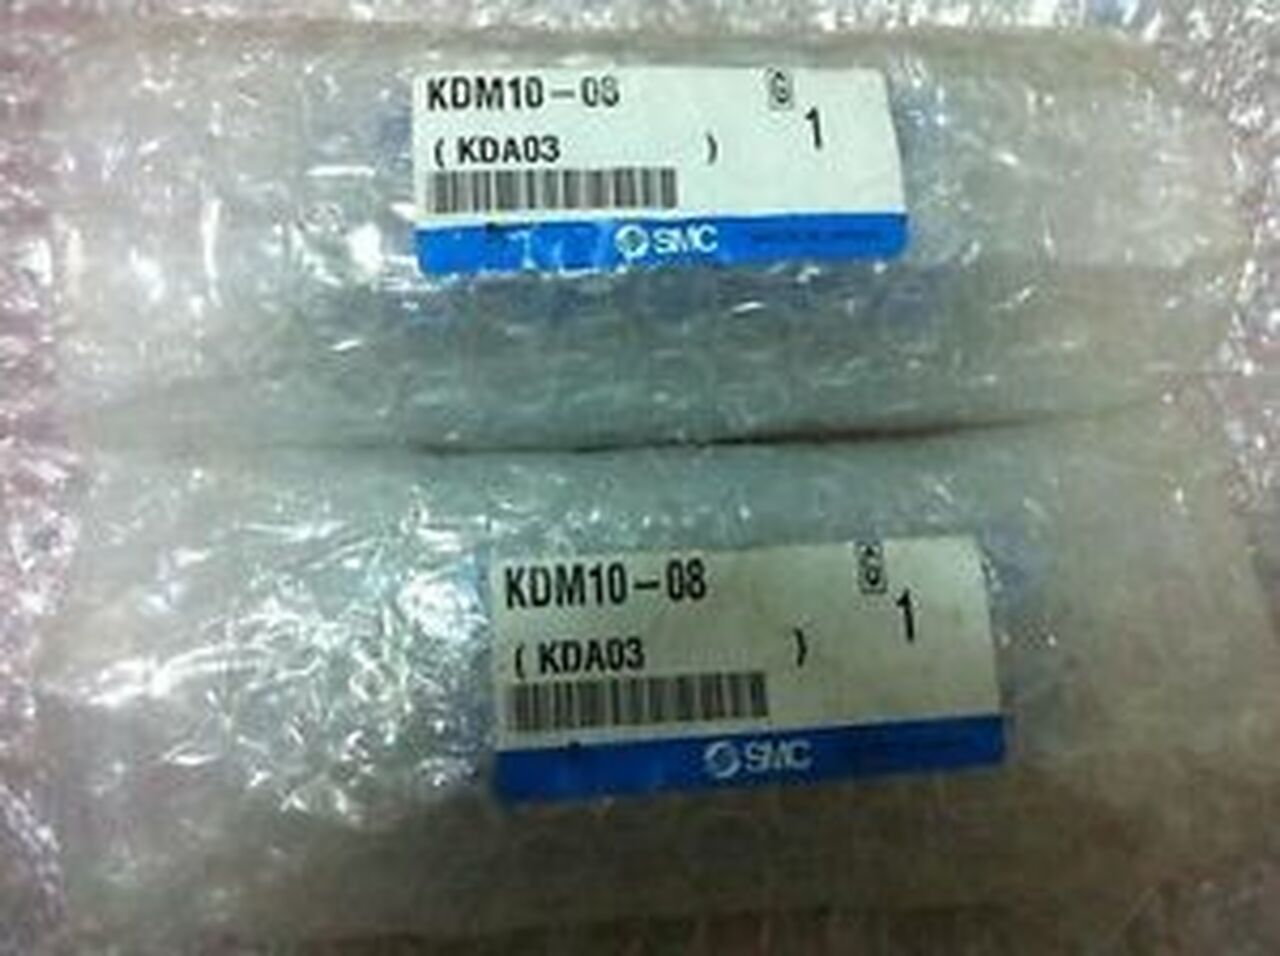 Nuevo SMC KDM20-08 multiconnector 8 mm 5//16 20 puertos